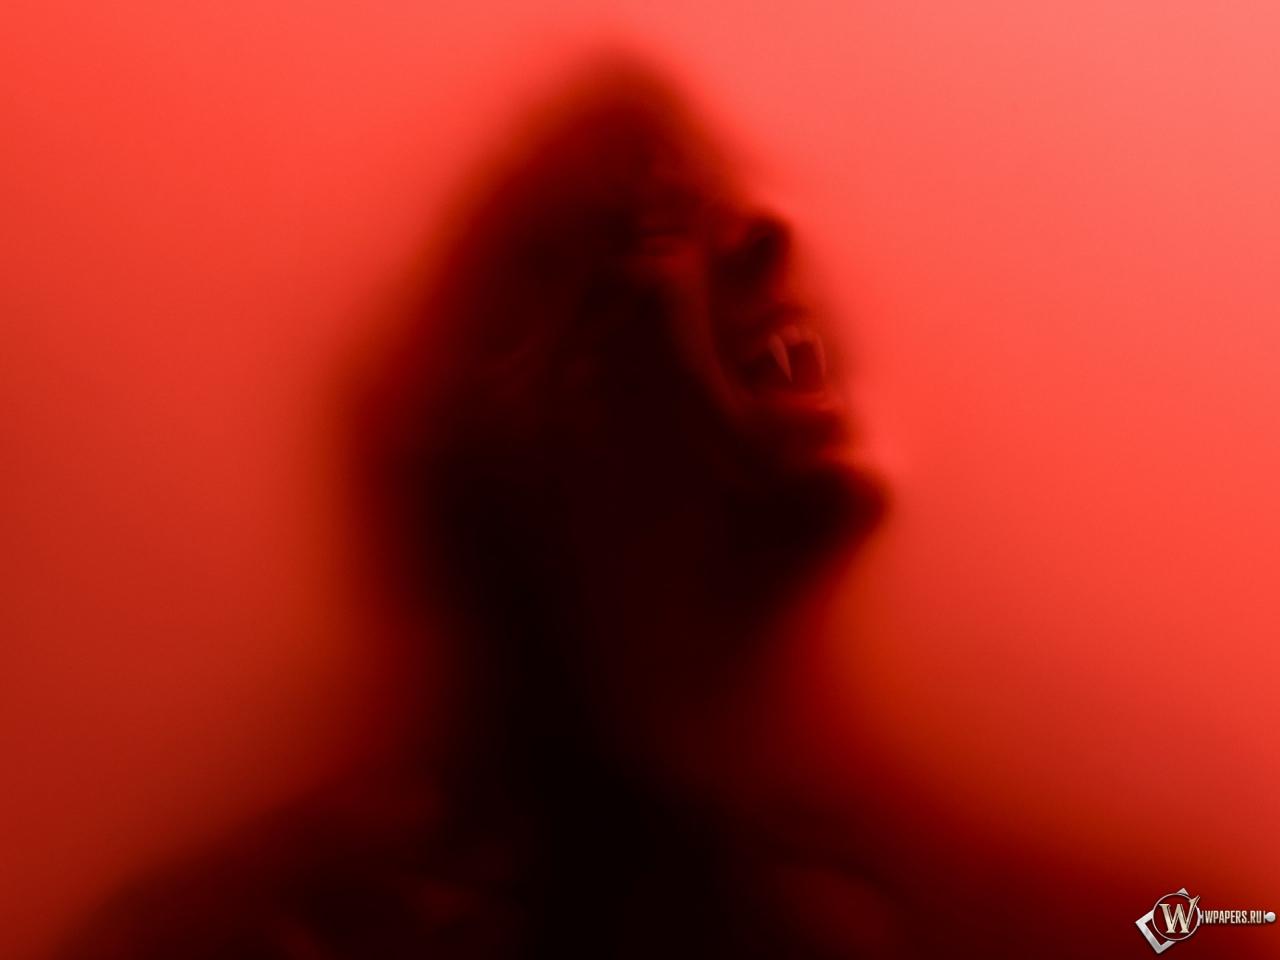 Настоящая кровь True Blood 1280x960